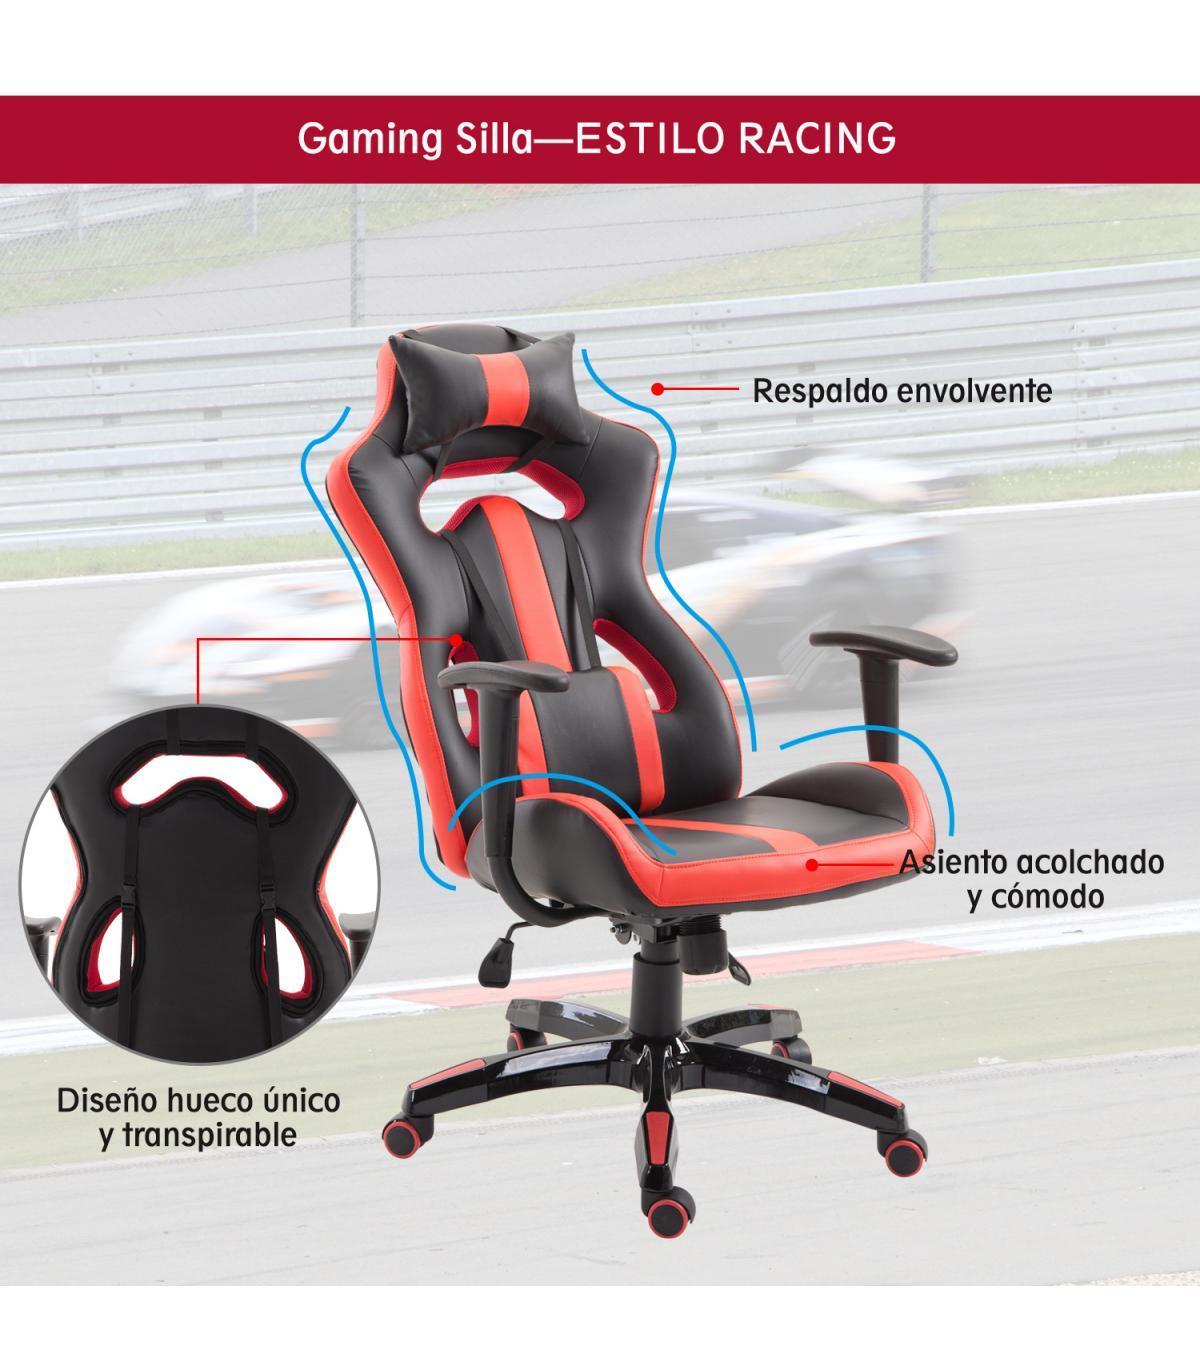 Ergonómica Homcom Escritorio Oficina Silla Gaming Estilo Y De Racing IDHEW29Y